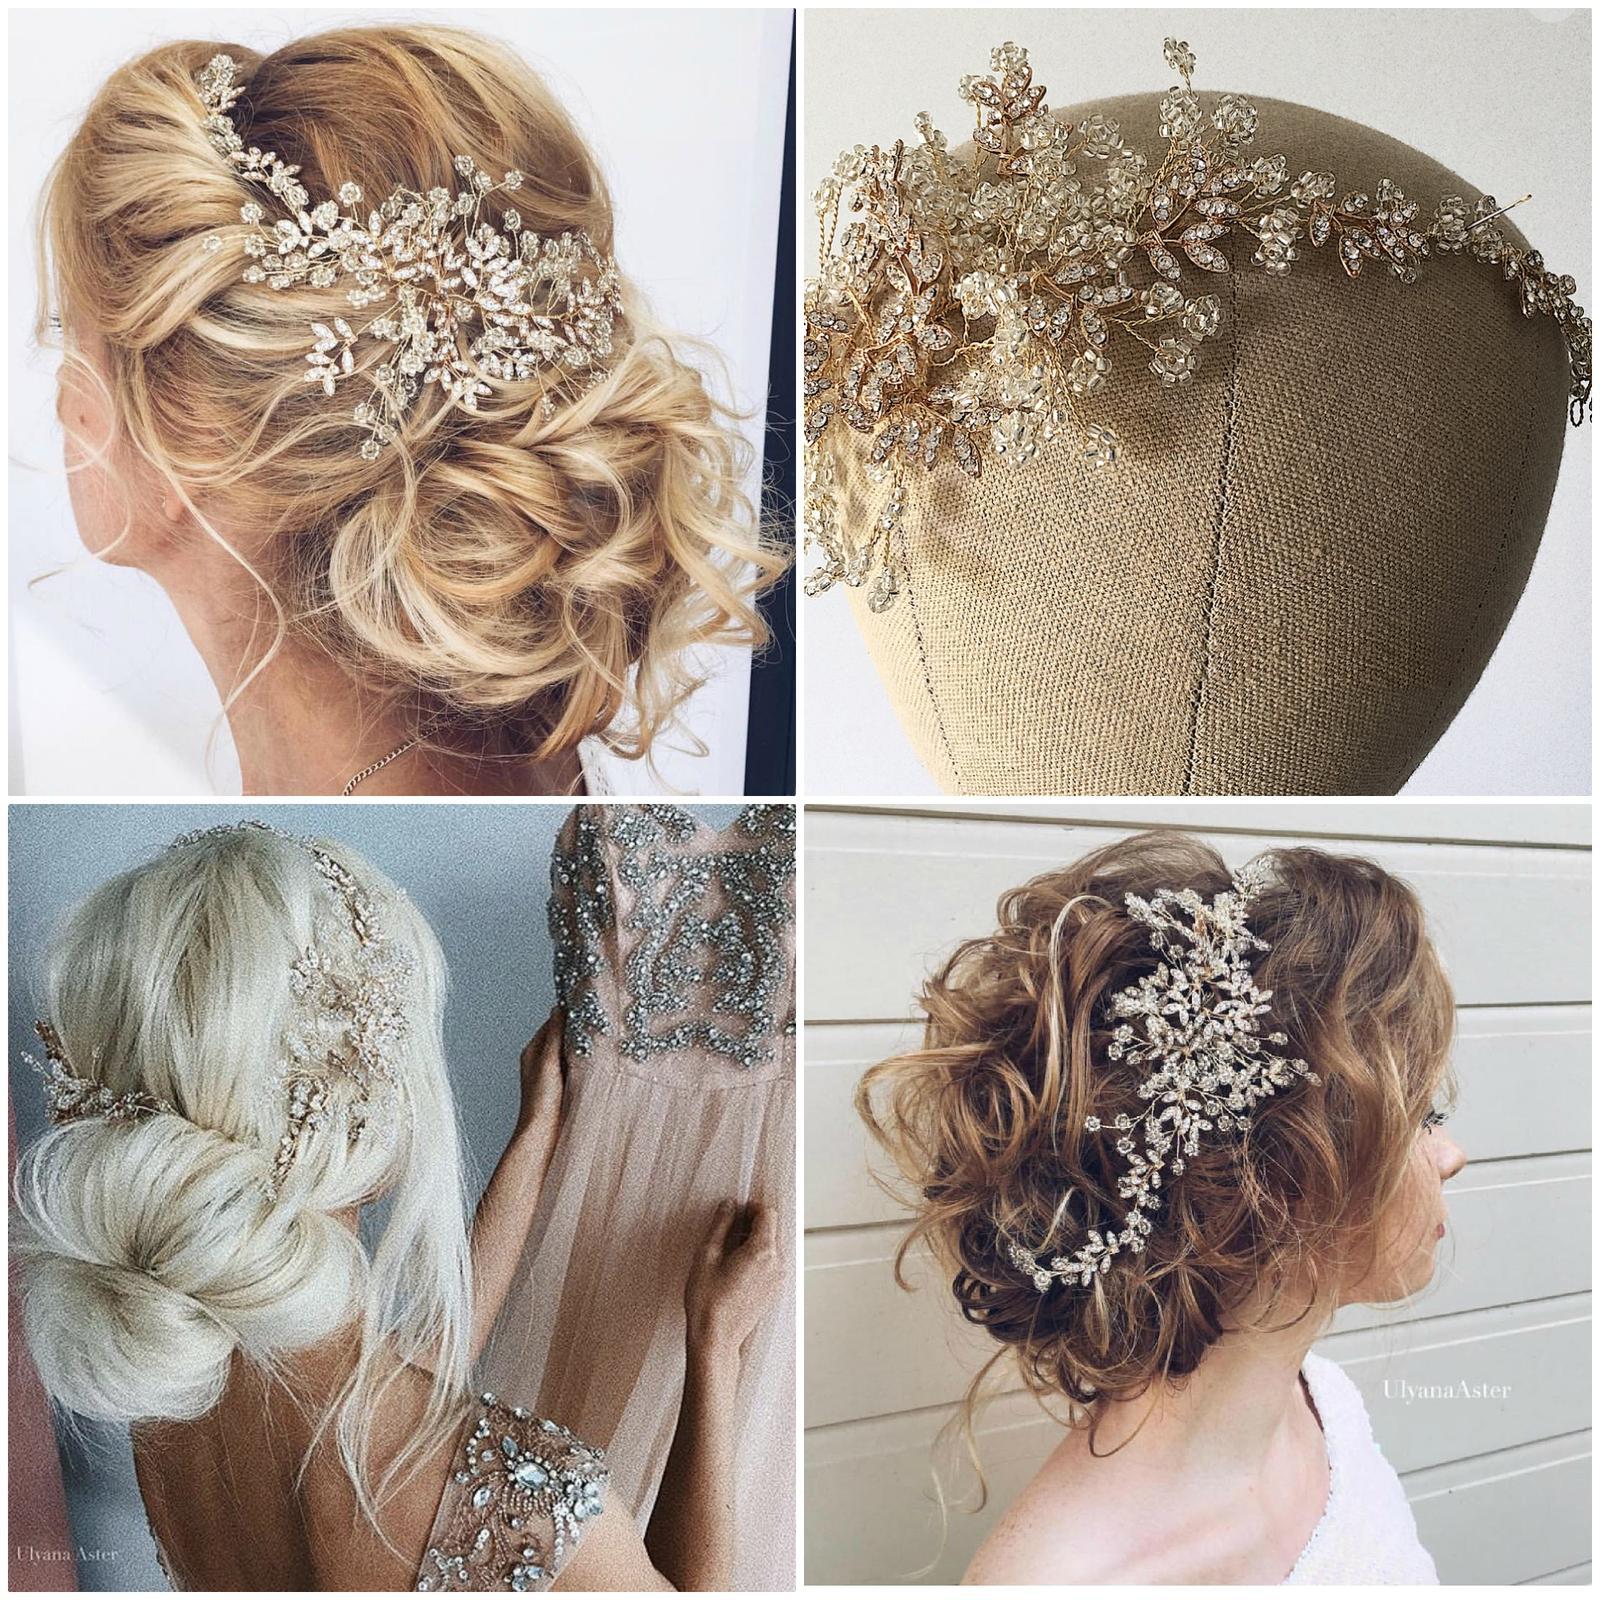 Luxusné ozdoby do vlasov MARIEE DESIGN - Obrázok č. 5